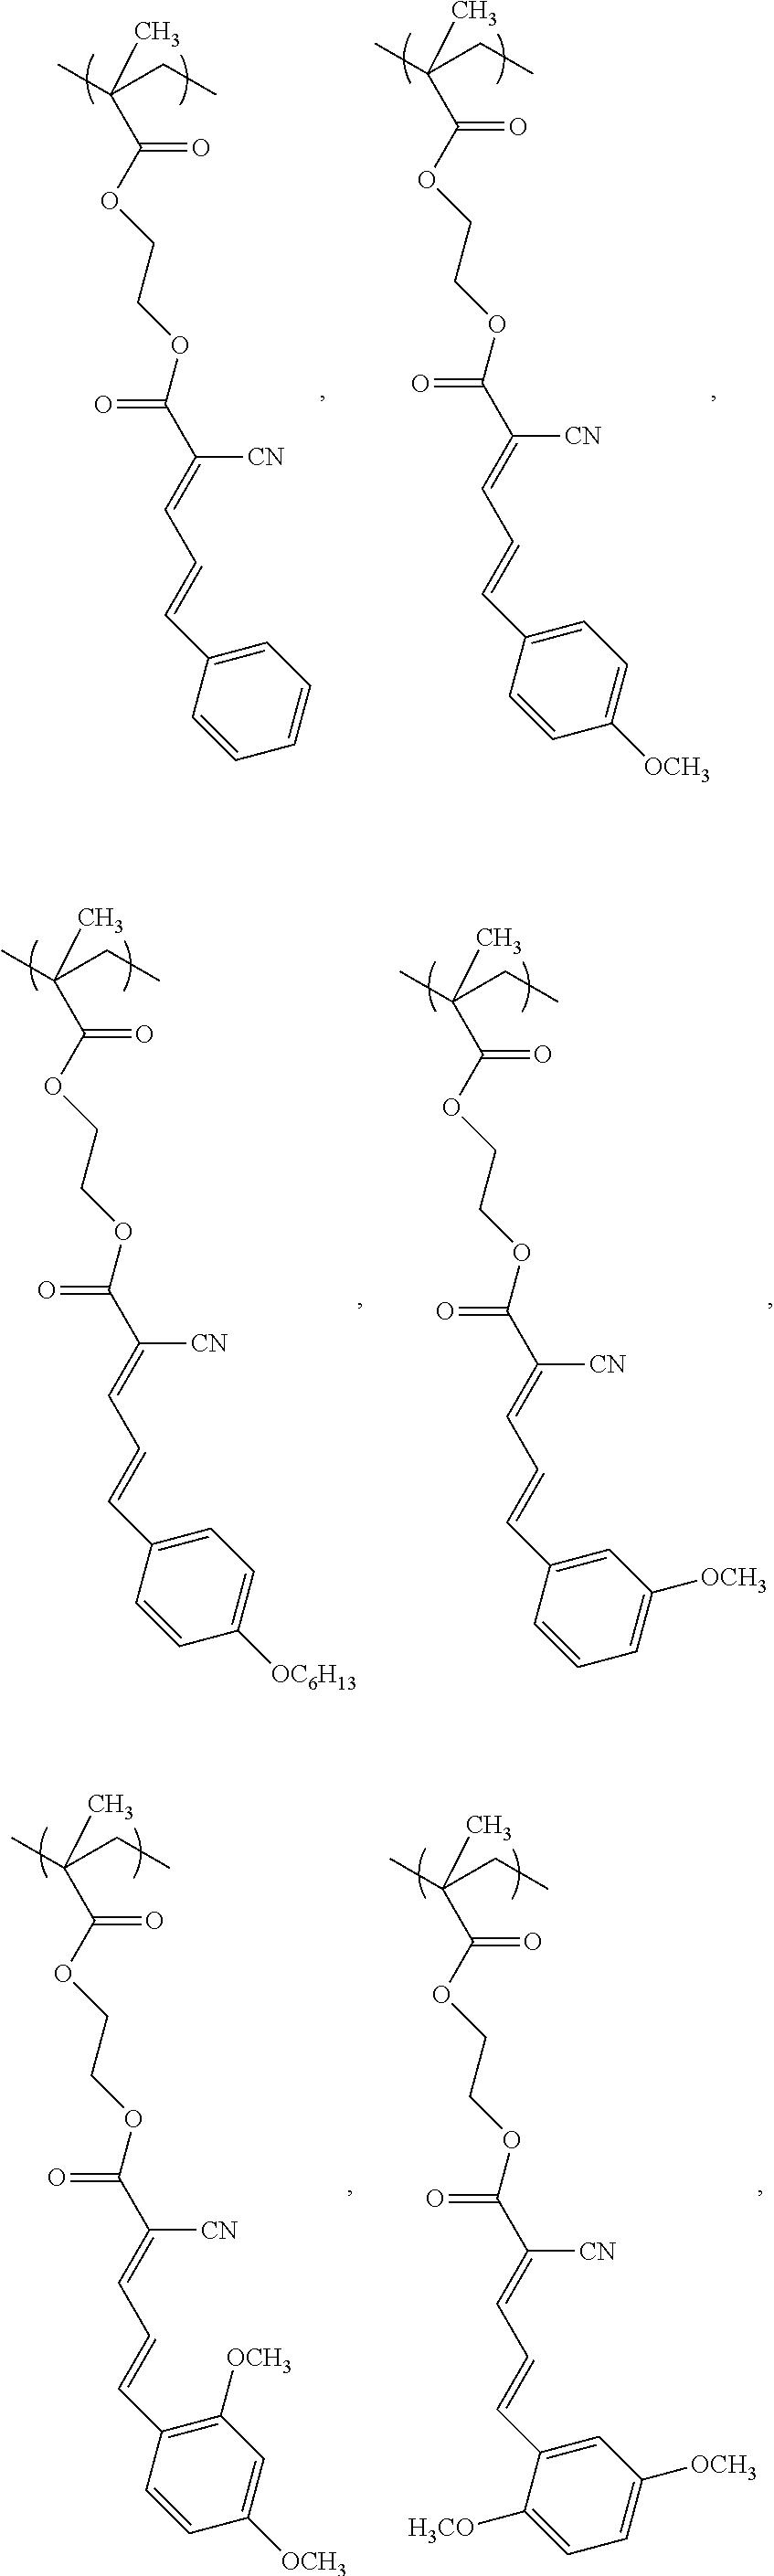 Figure US08878169-20141104-C00008